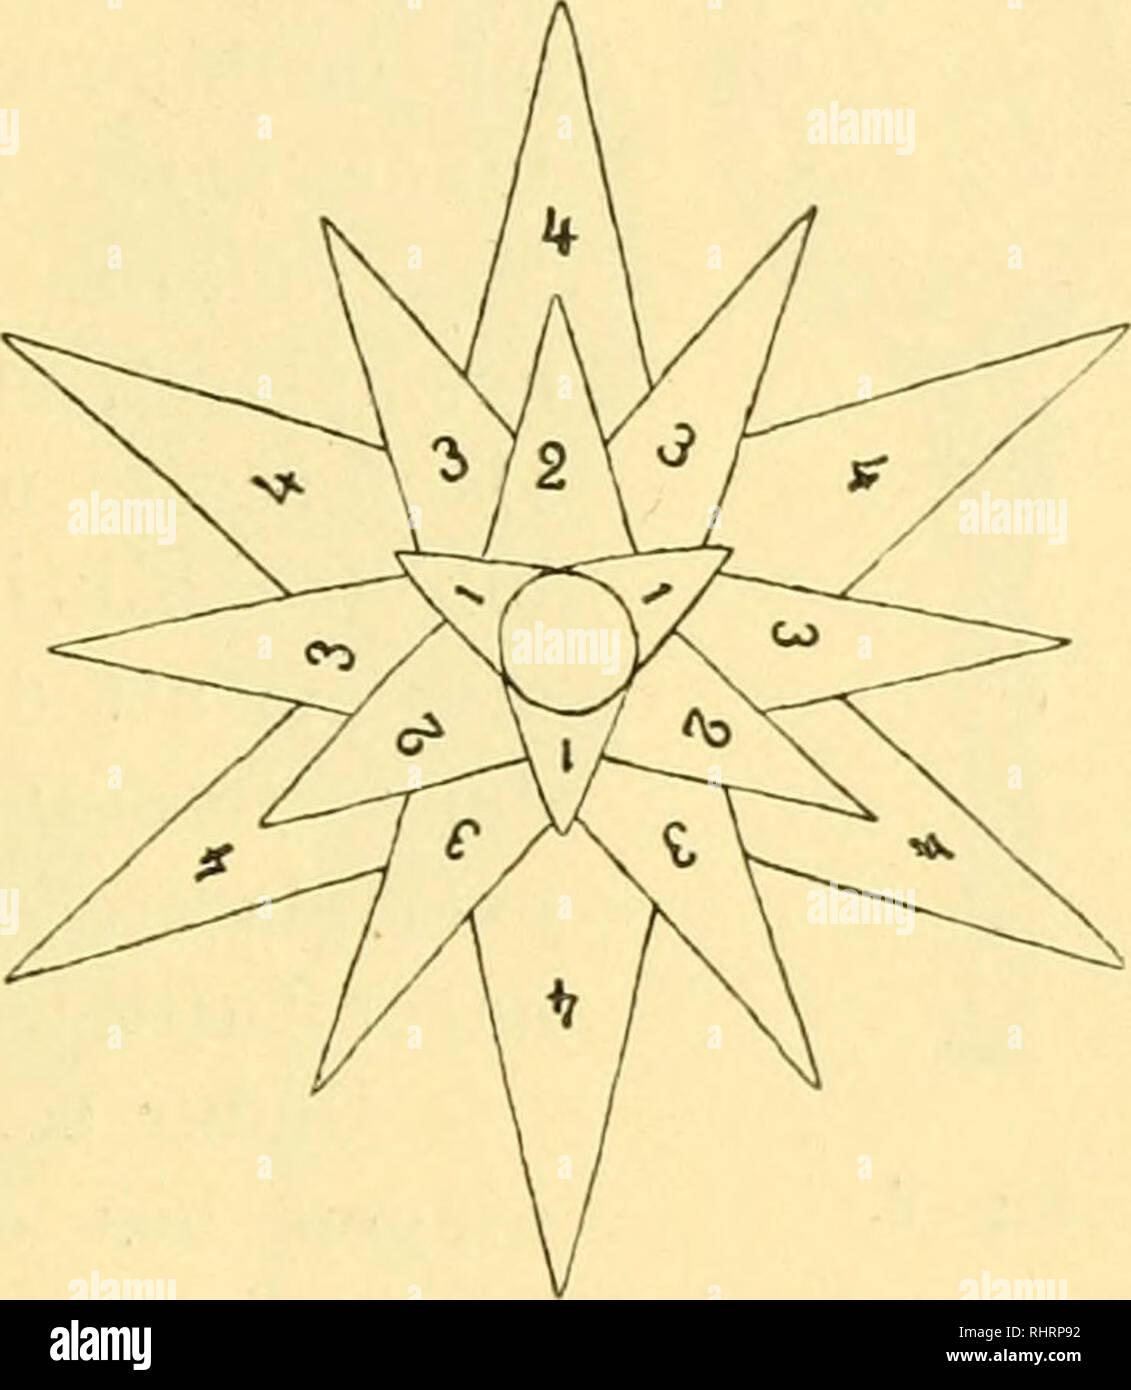 3ef161cc0a10 . Bihang till Kongl. Svenska vetenskaps-akademiens handlingar. Science;  Botany. Fis. 7. Fiv 8.